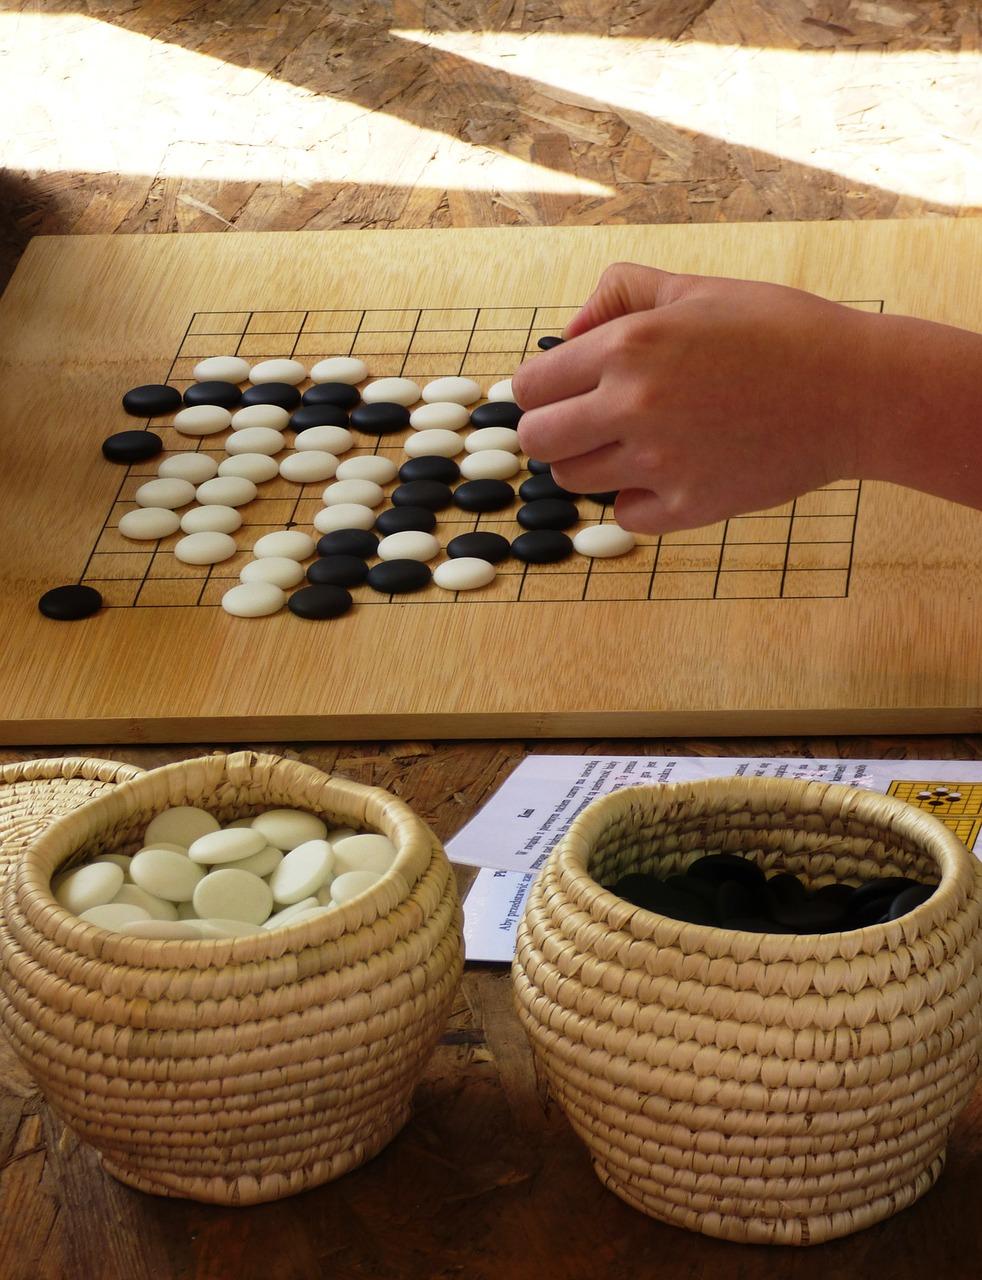 משחקי הרכבה אניגמה